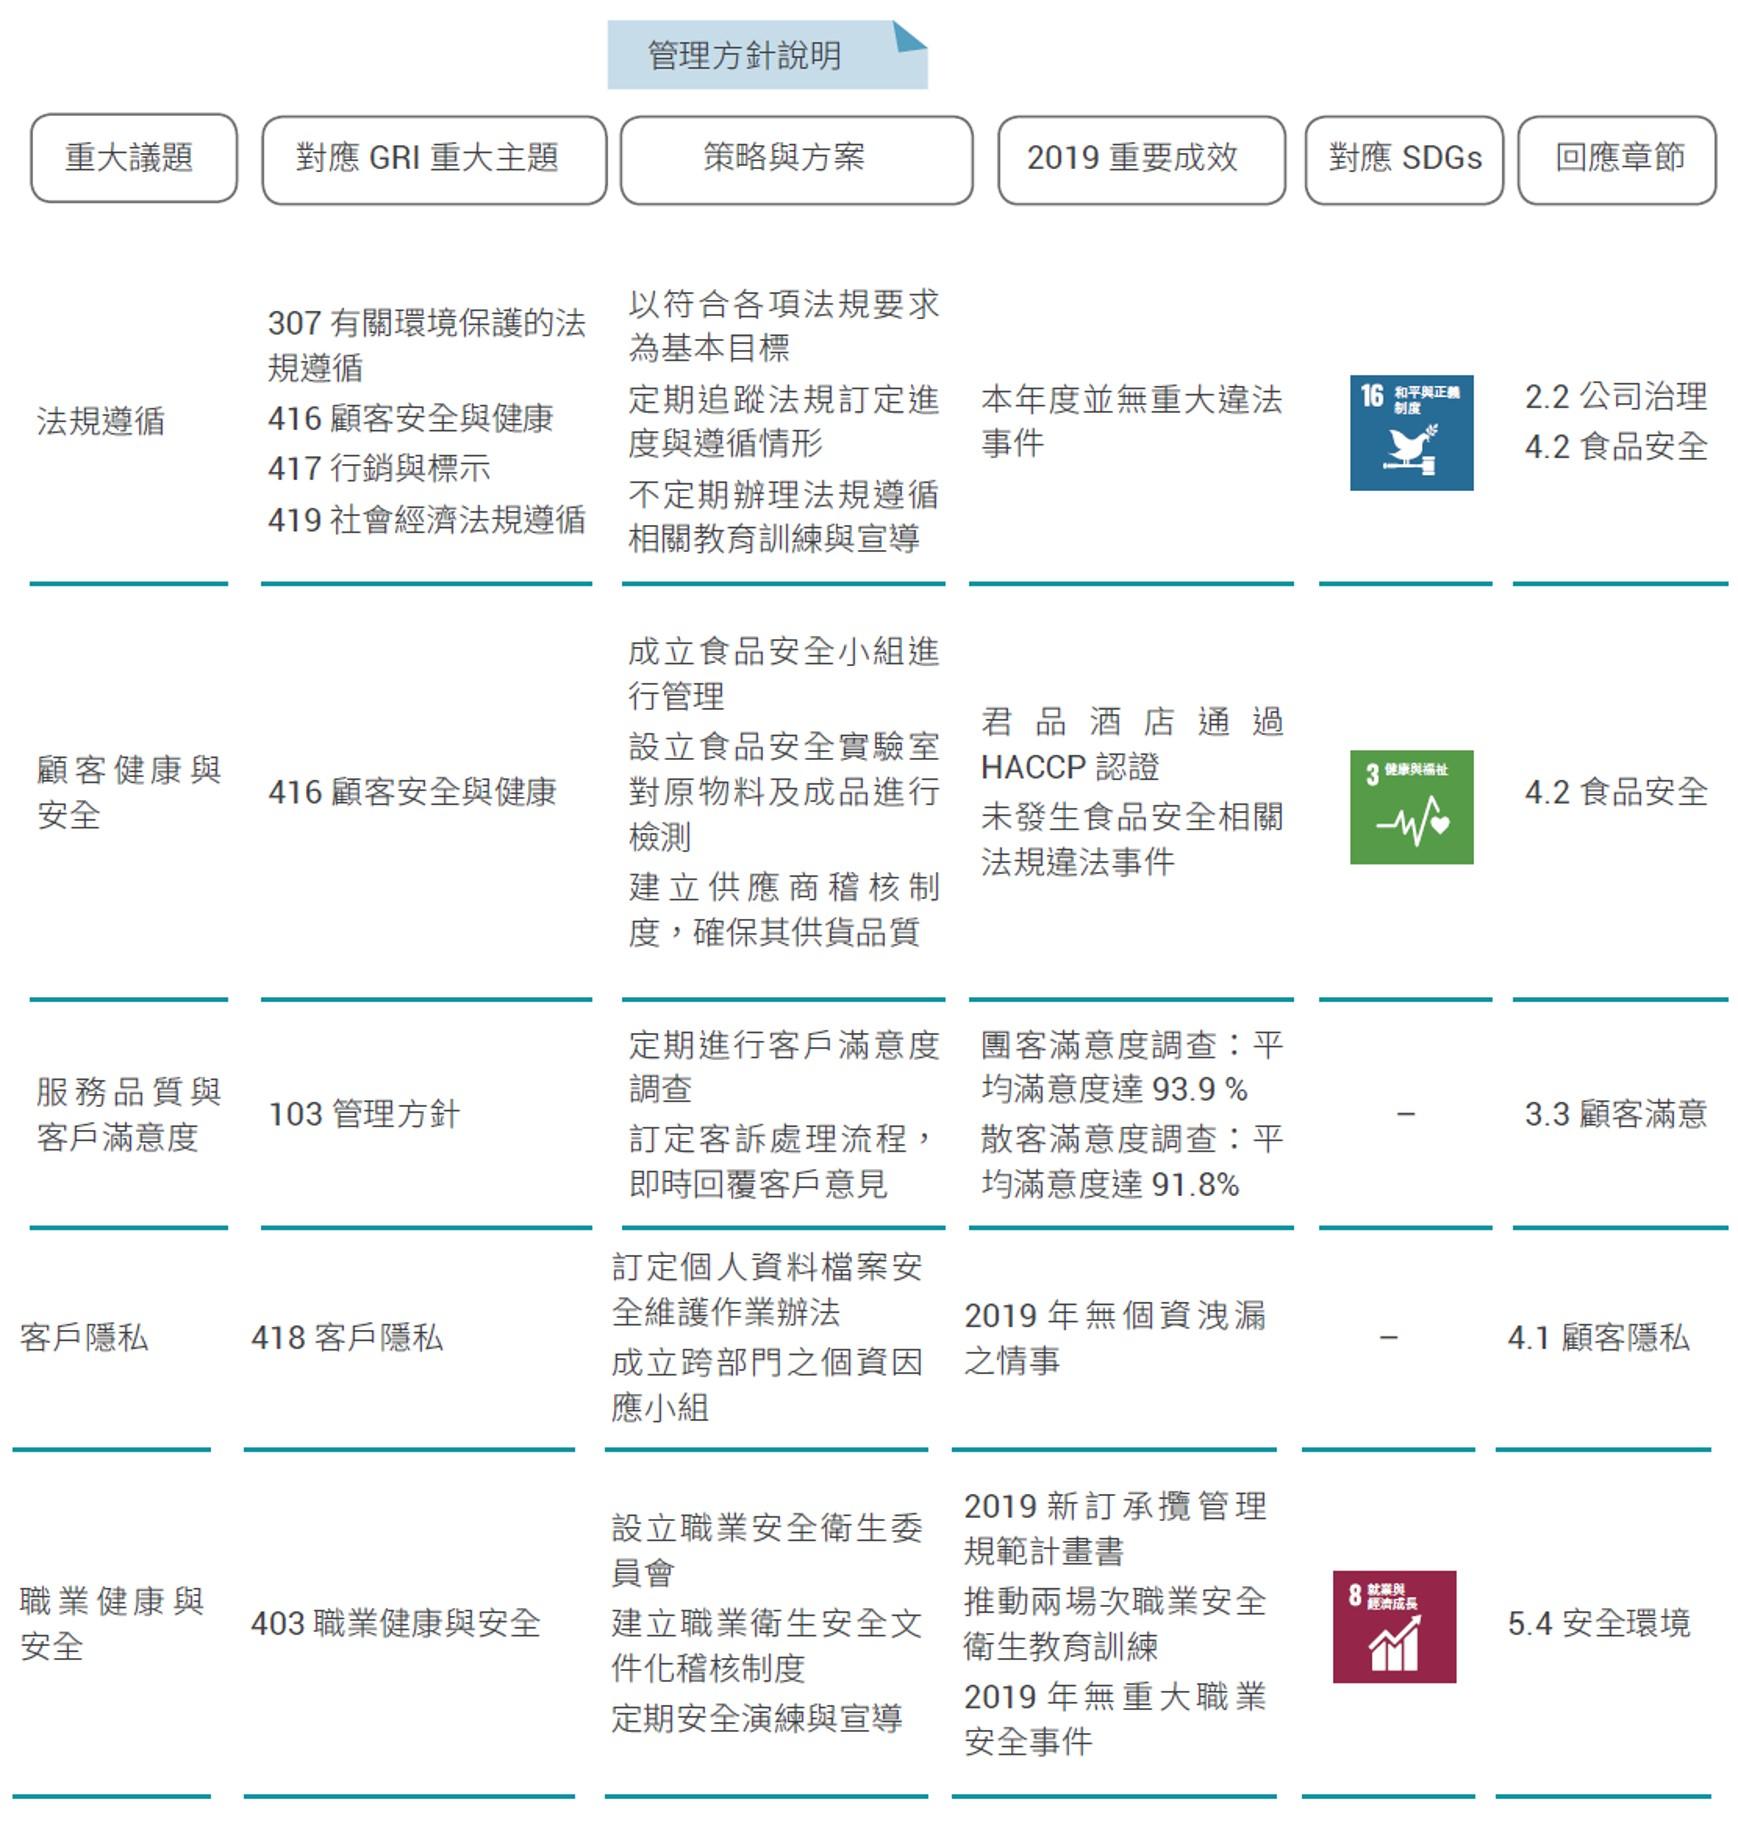 聯合國永續發展目標的圖表